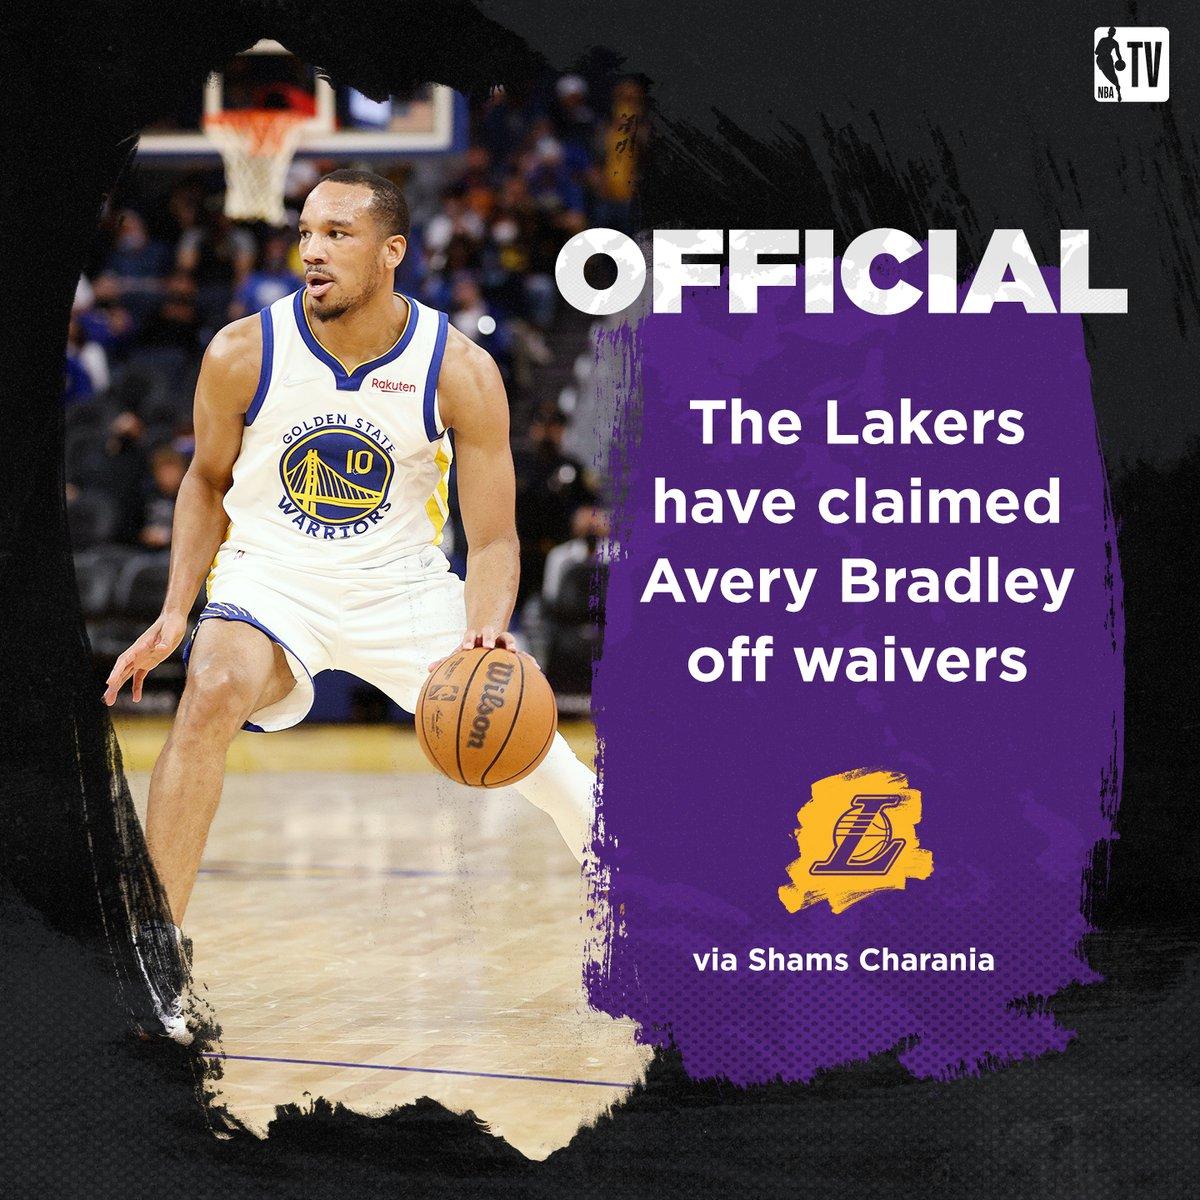 Avery Bradley is headed back to LA 👀